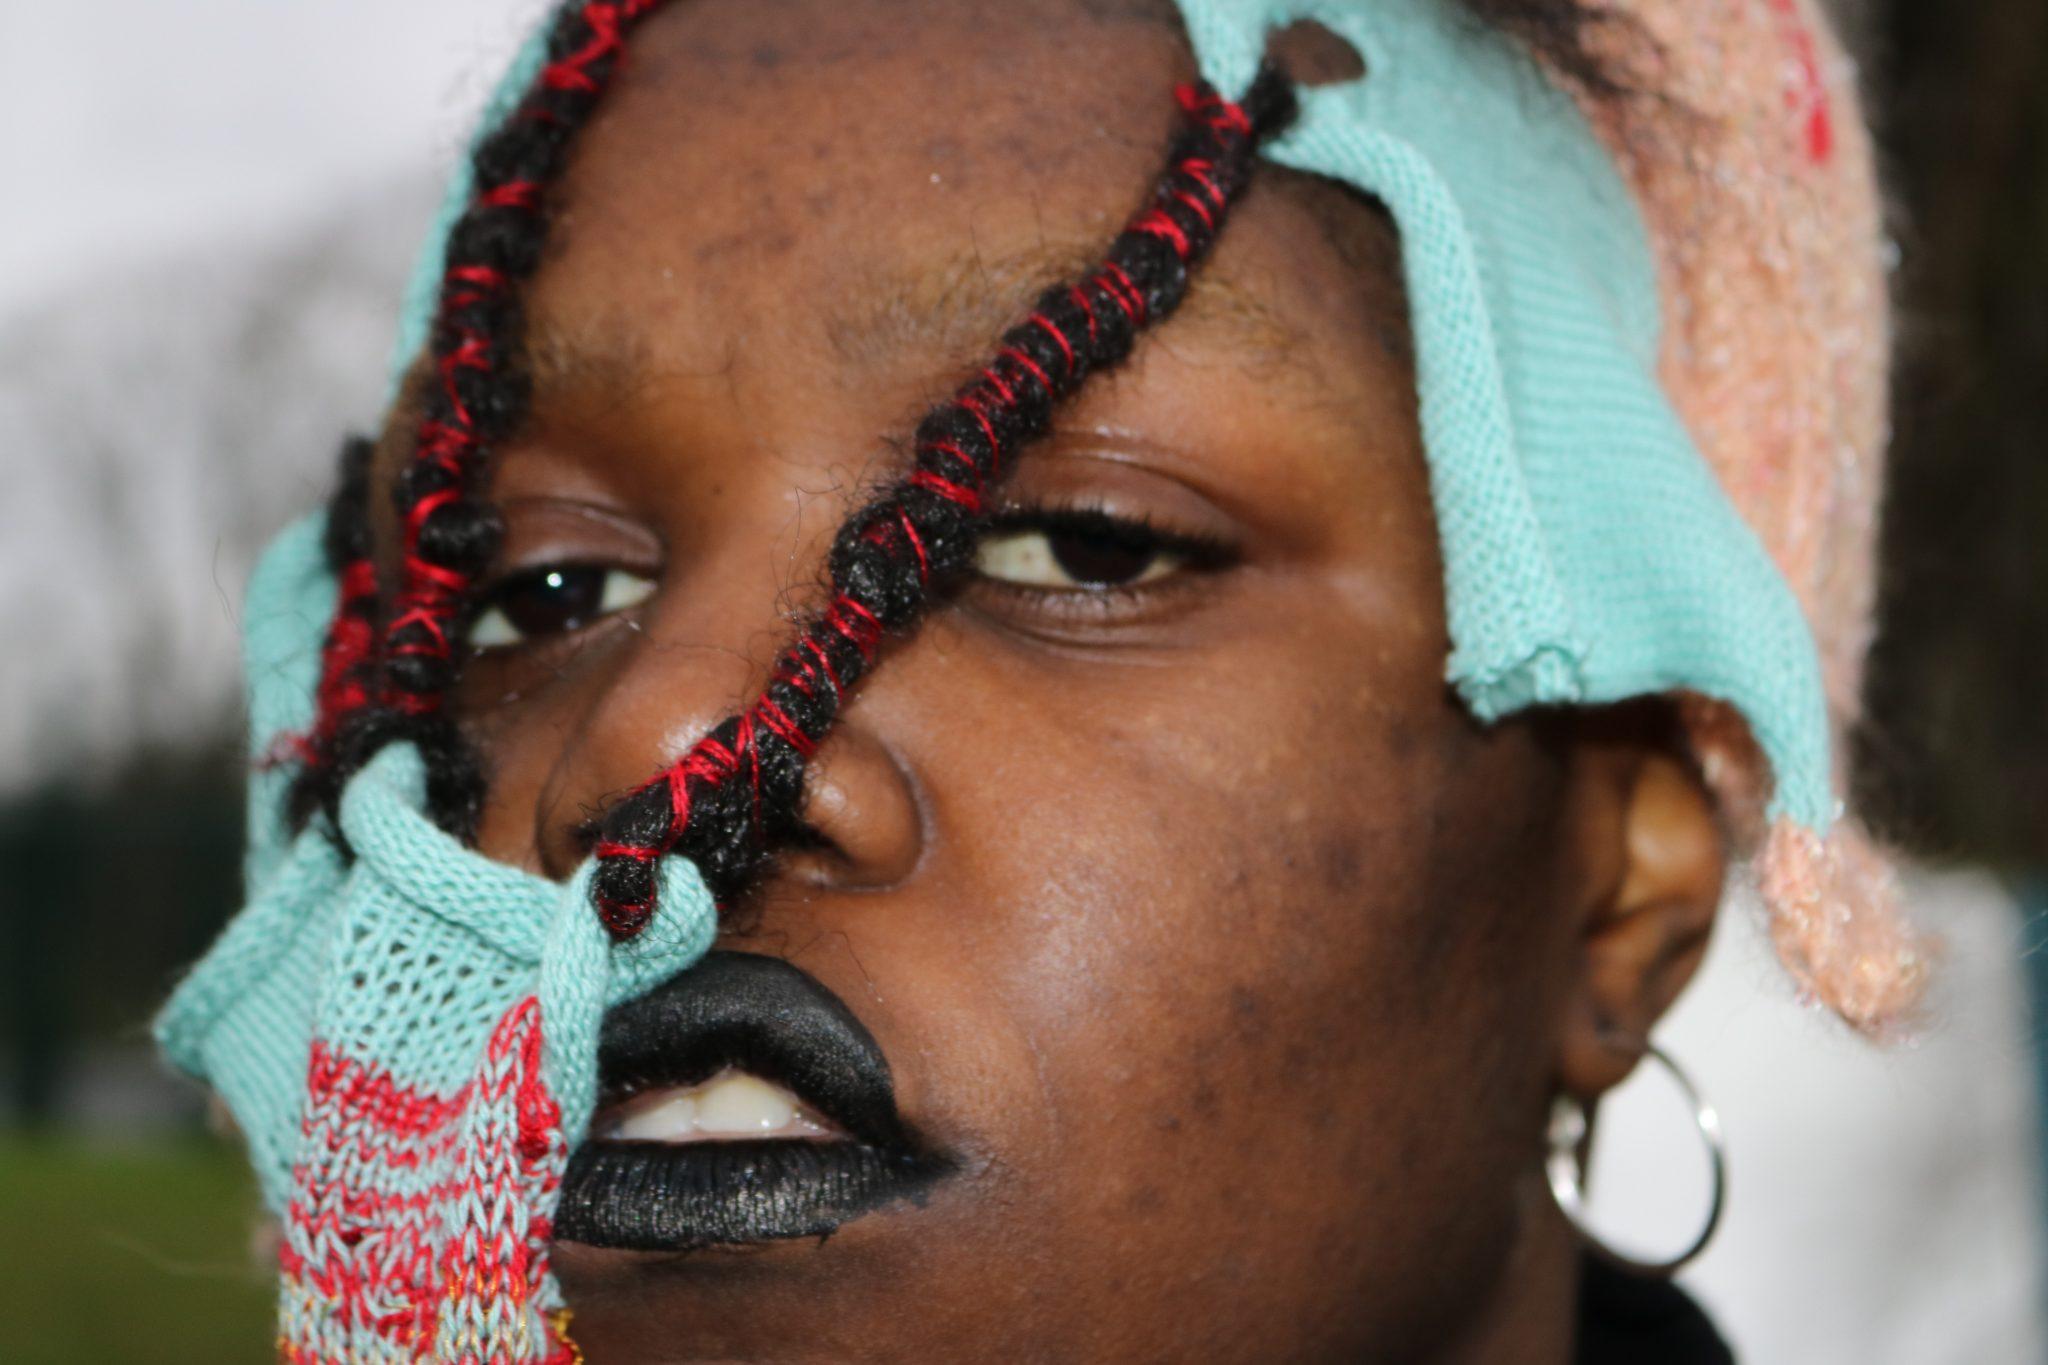 Shashamani Jackson Knitted headpiece 4